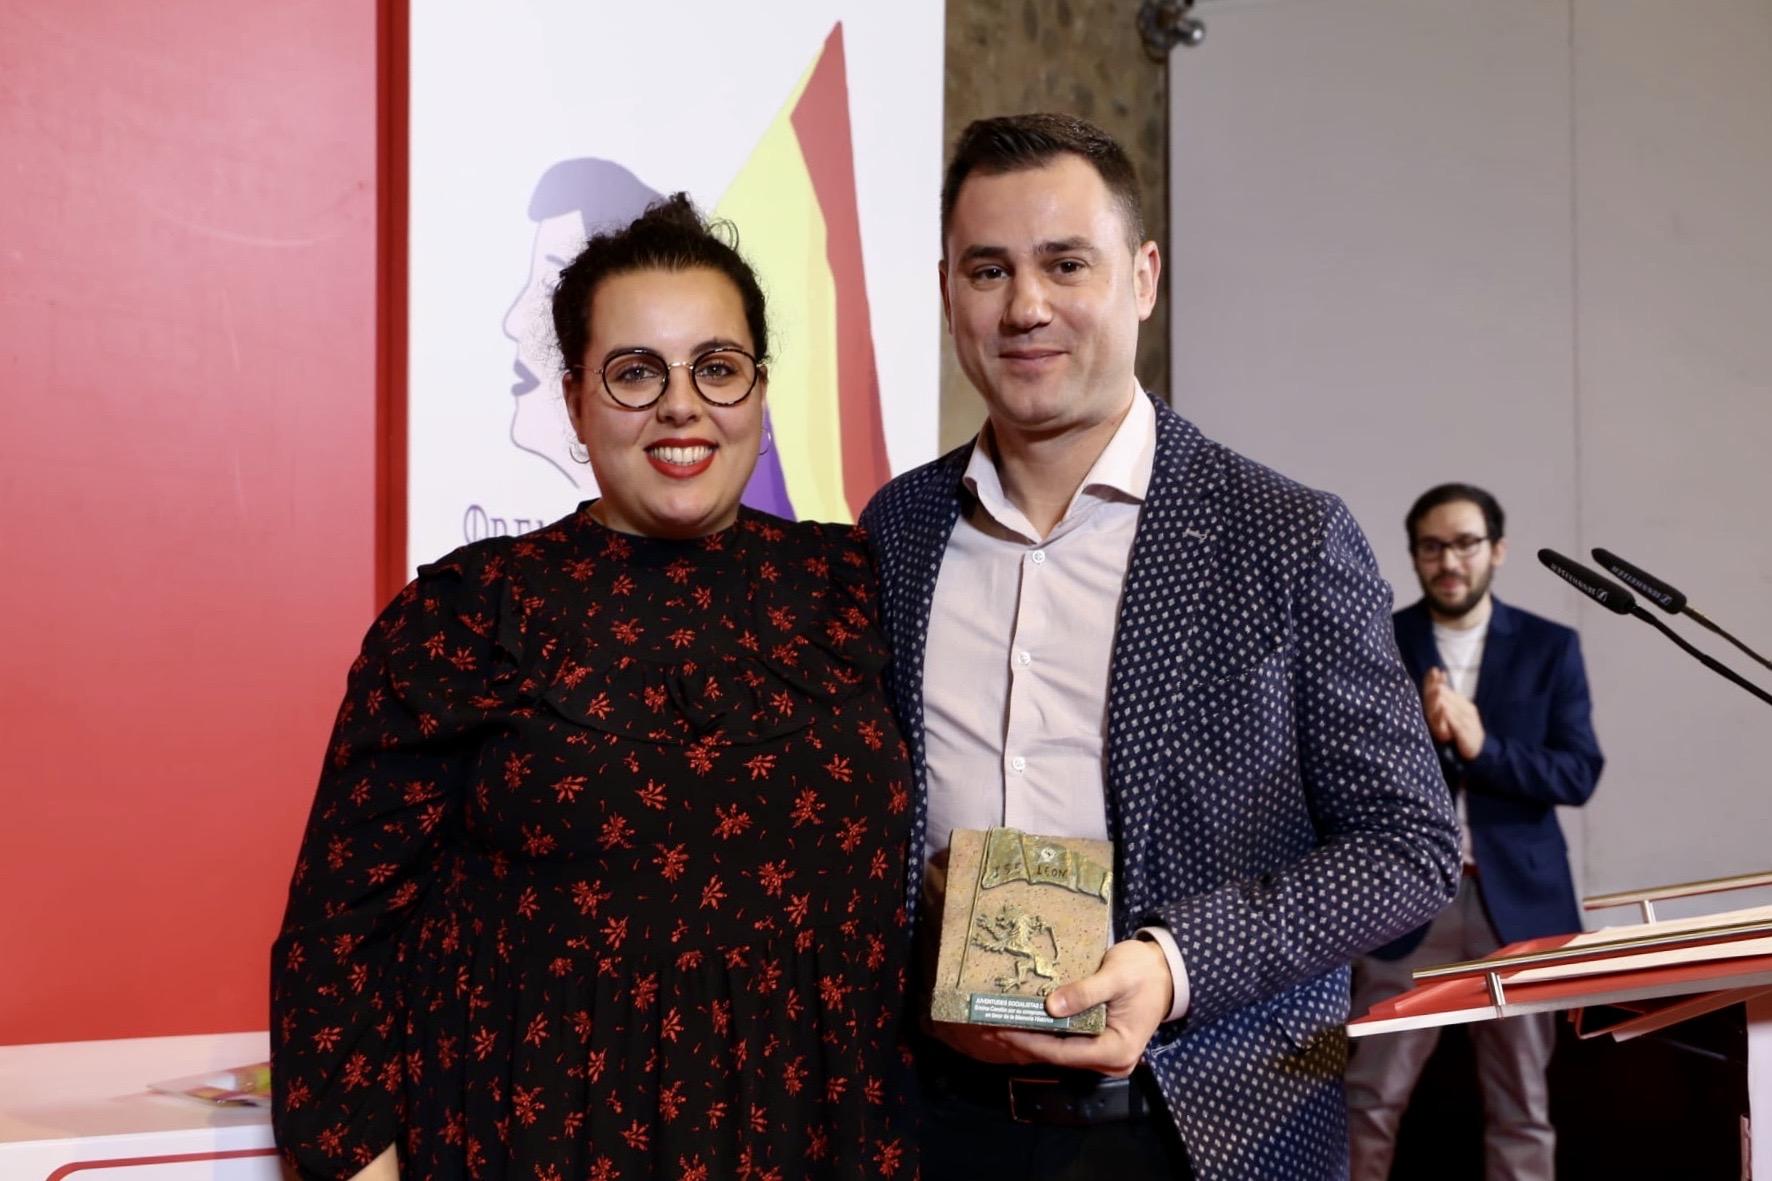 Juventudes Socialistas de León homenajea la figura de Encina Cendón en su labor por la recuperación de la memoria histórica